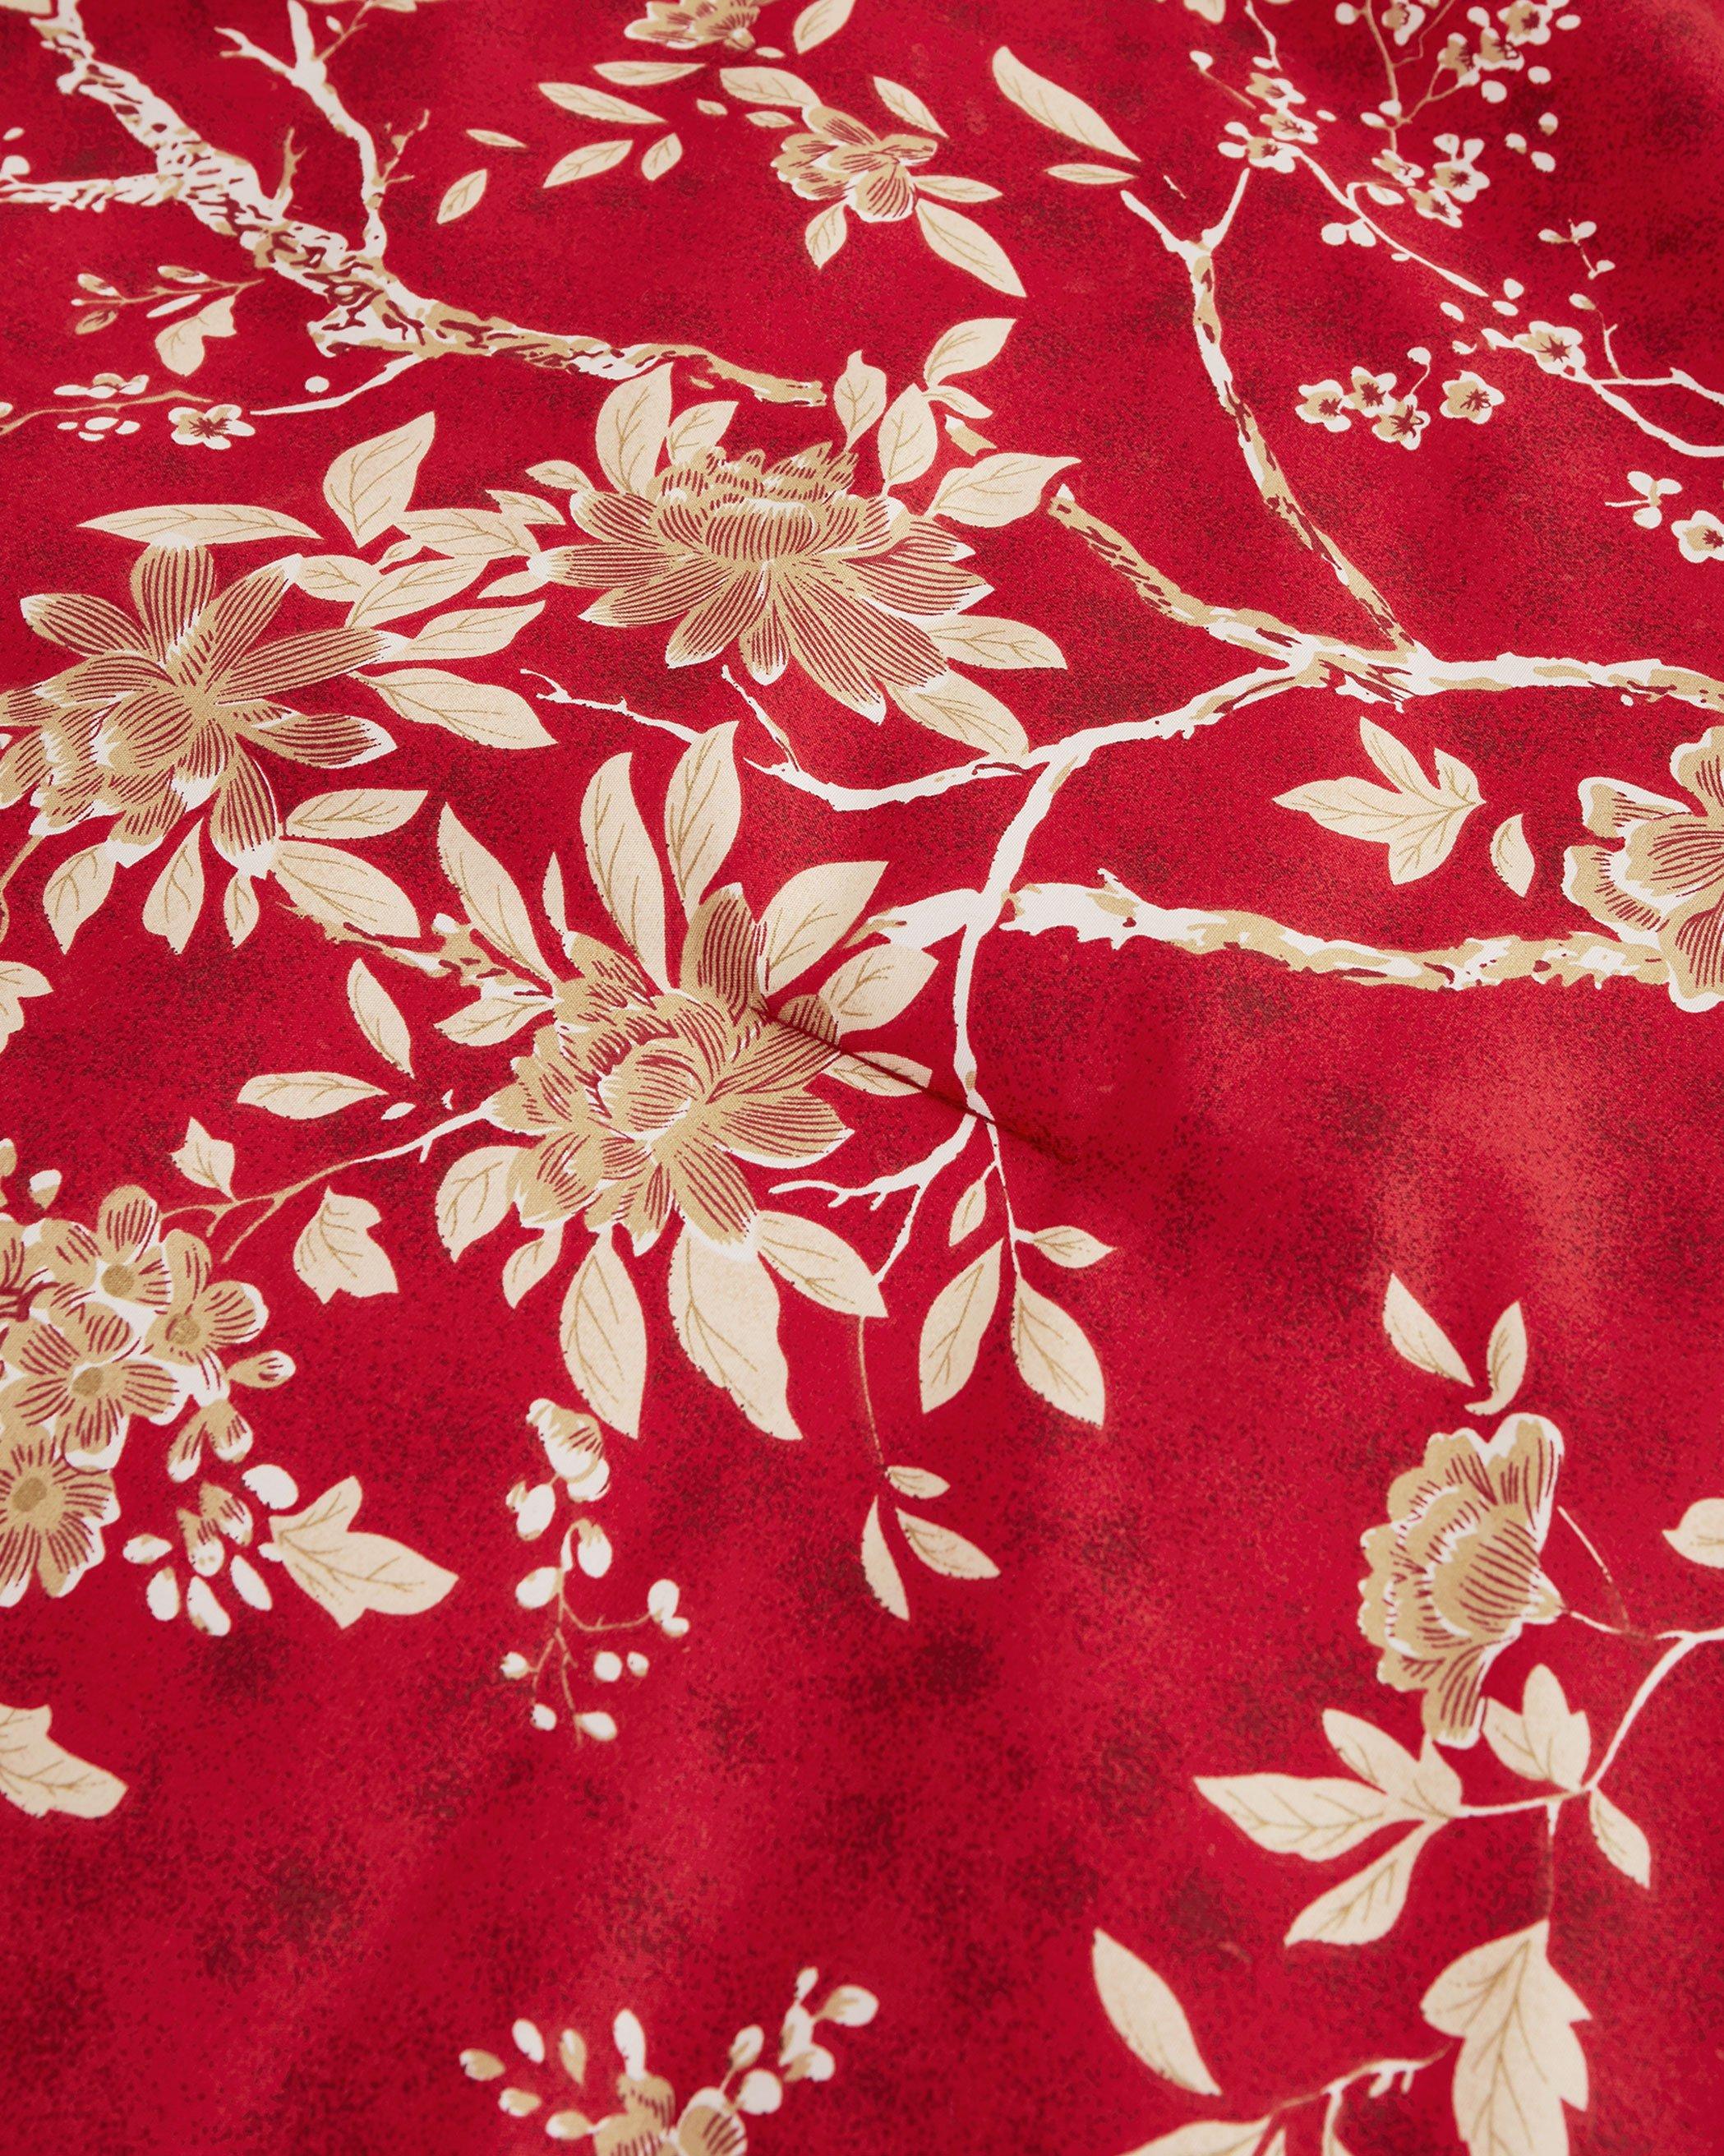 Red Floral Microfiber Comforter Set